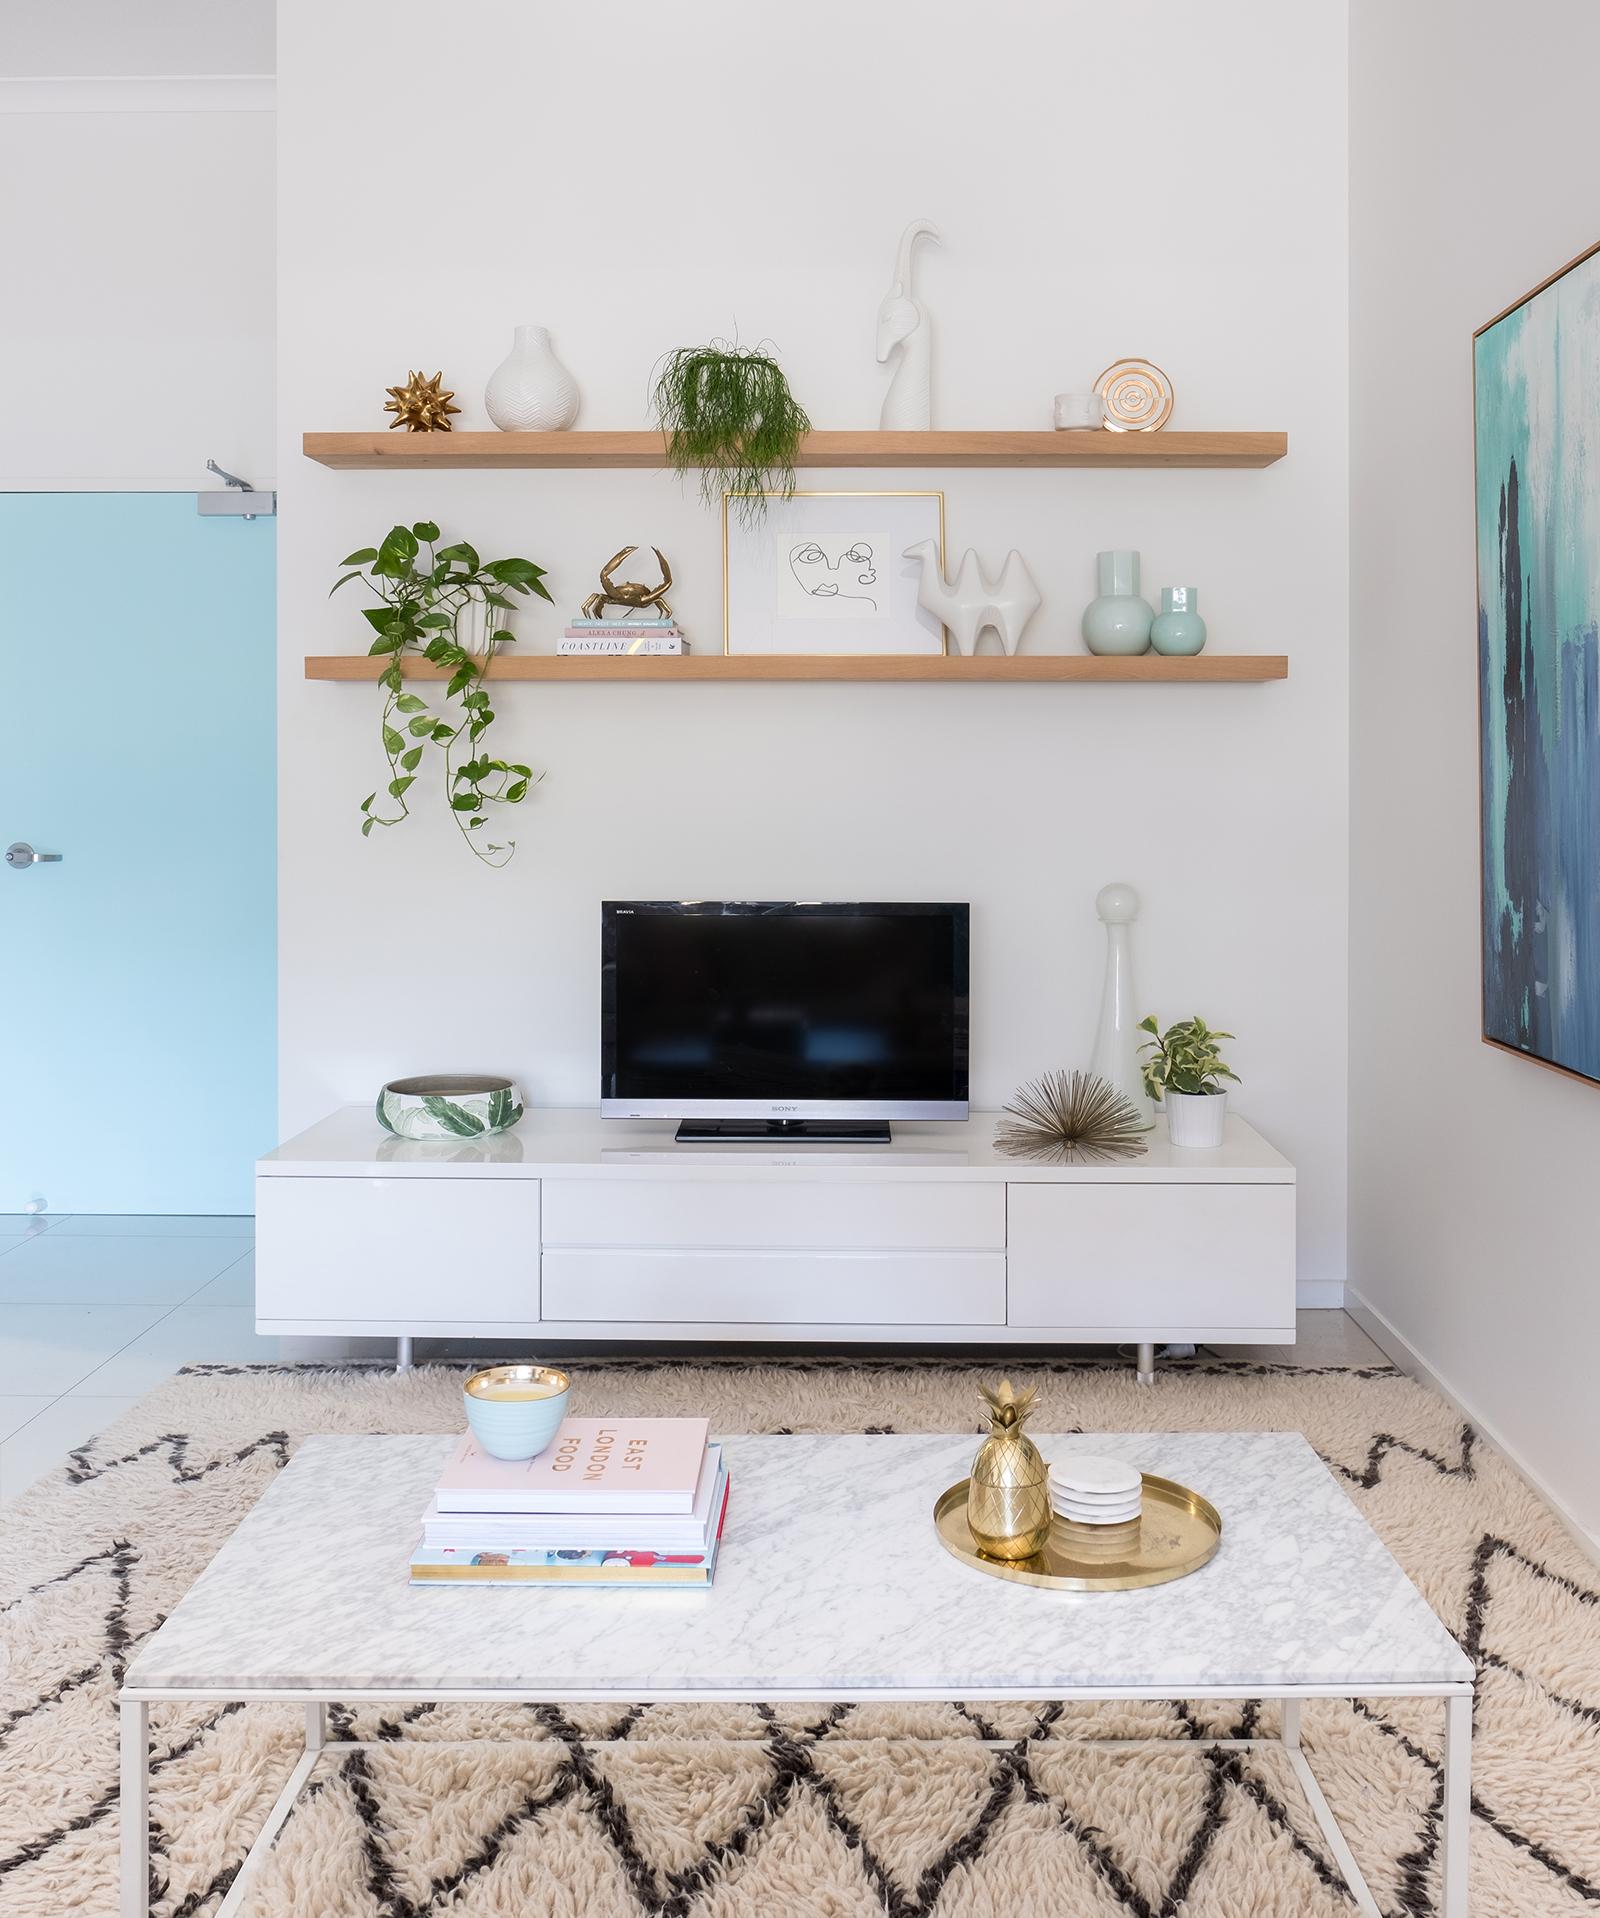 loni_parker_living_room_blue_floating_shelves_clickon_west_elm_rug.jpg